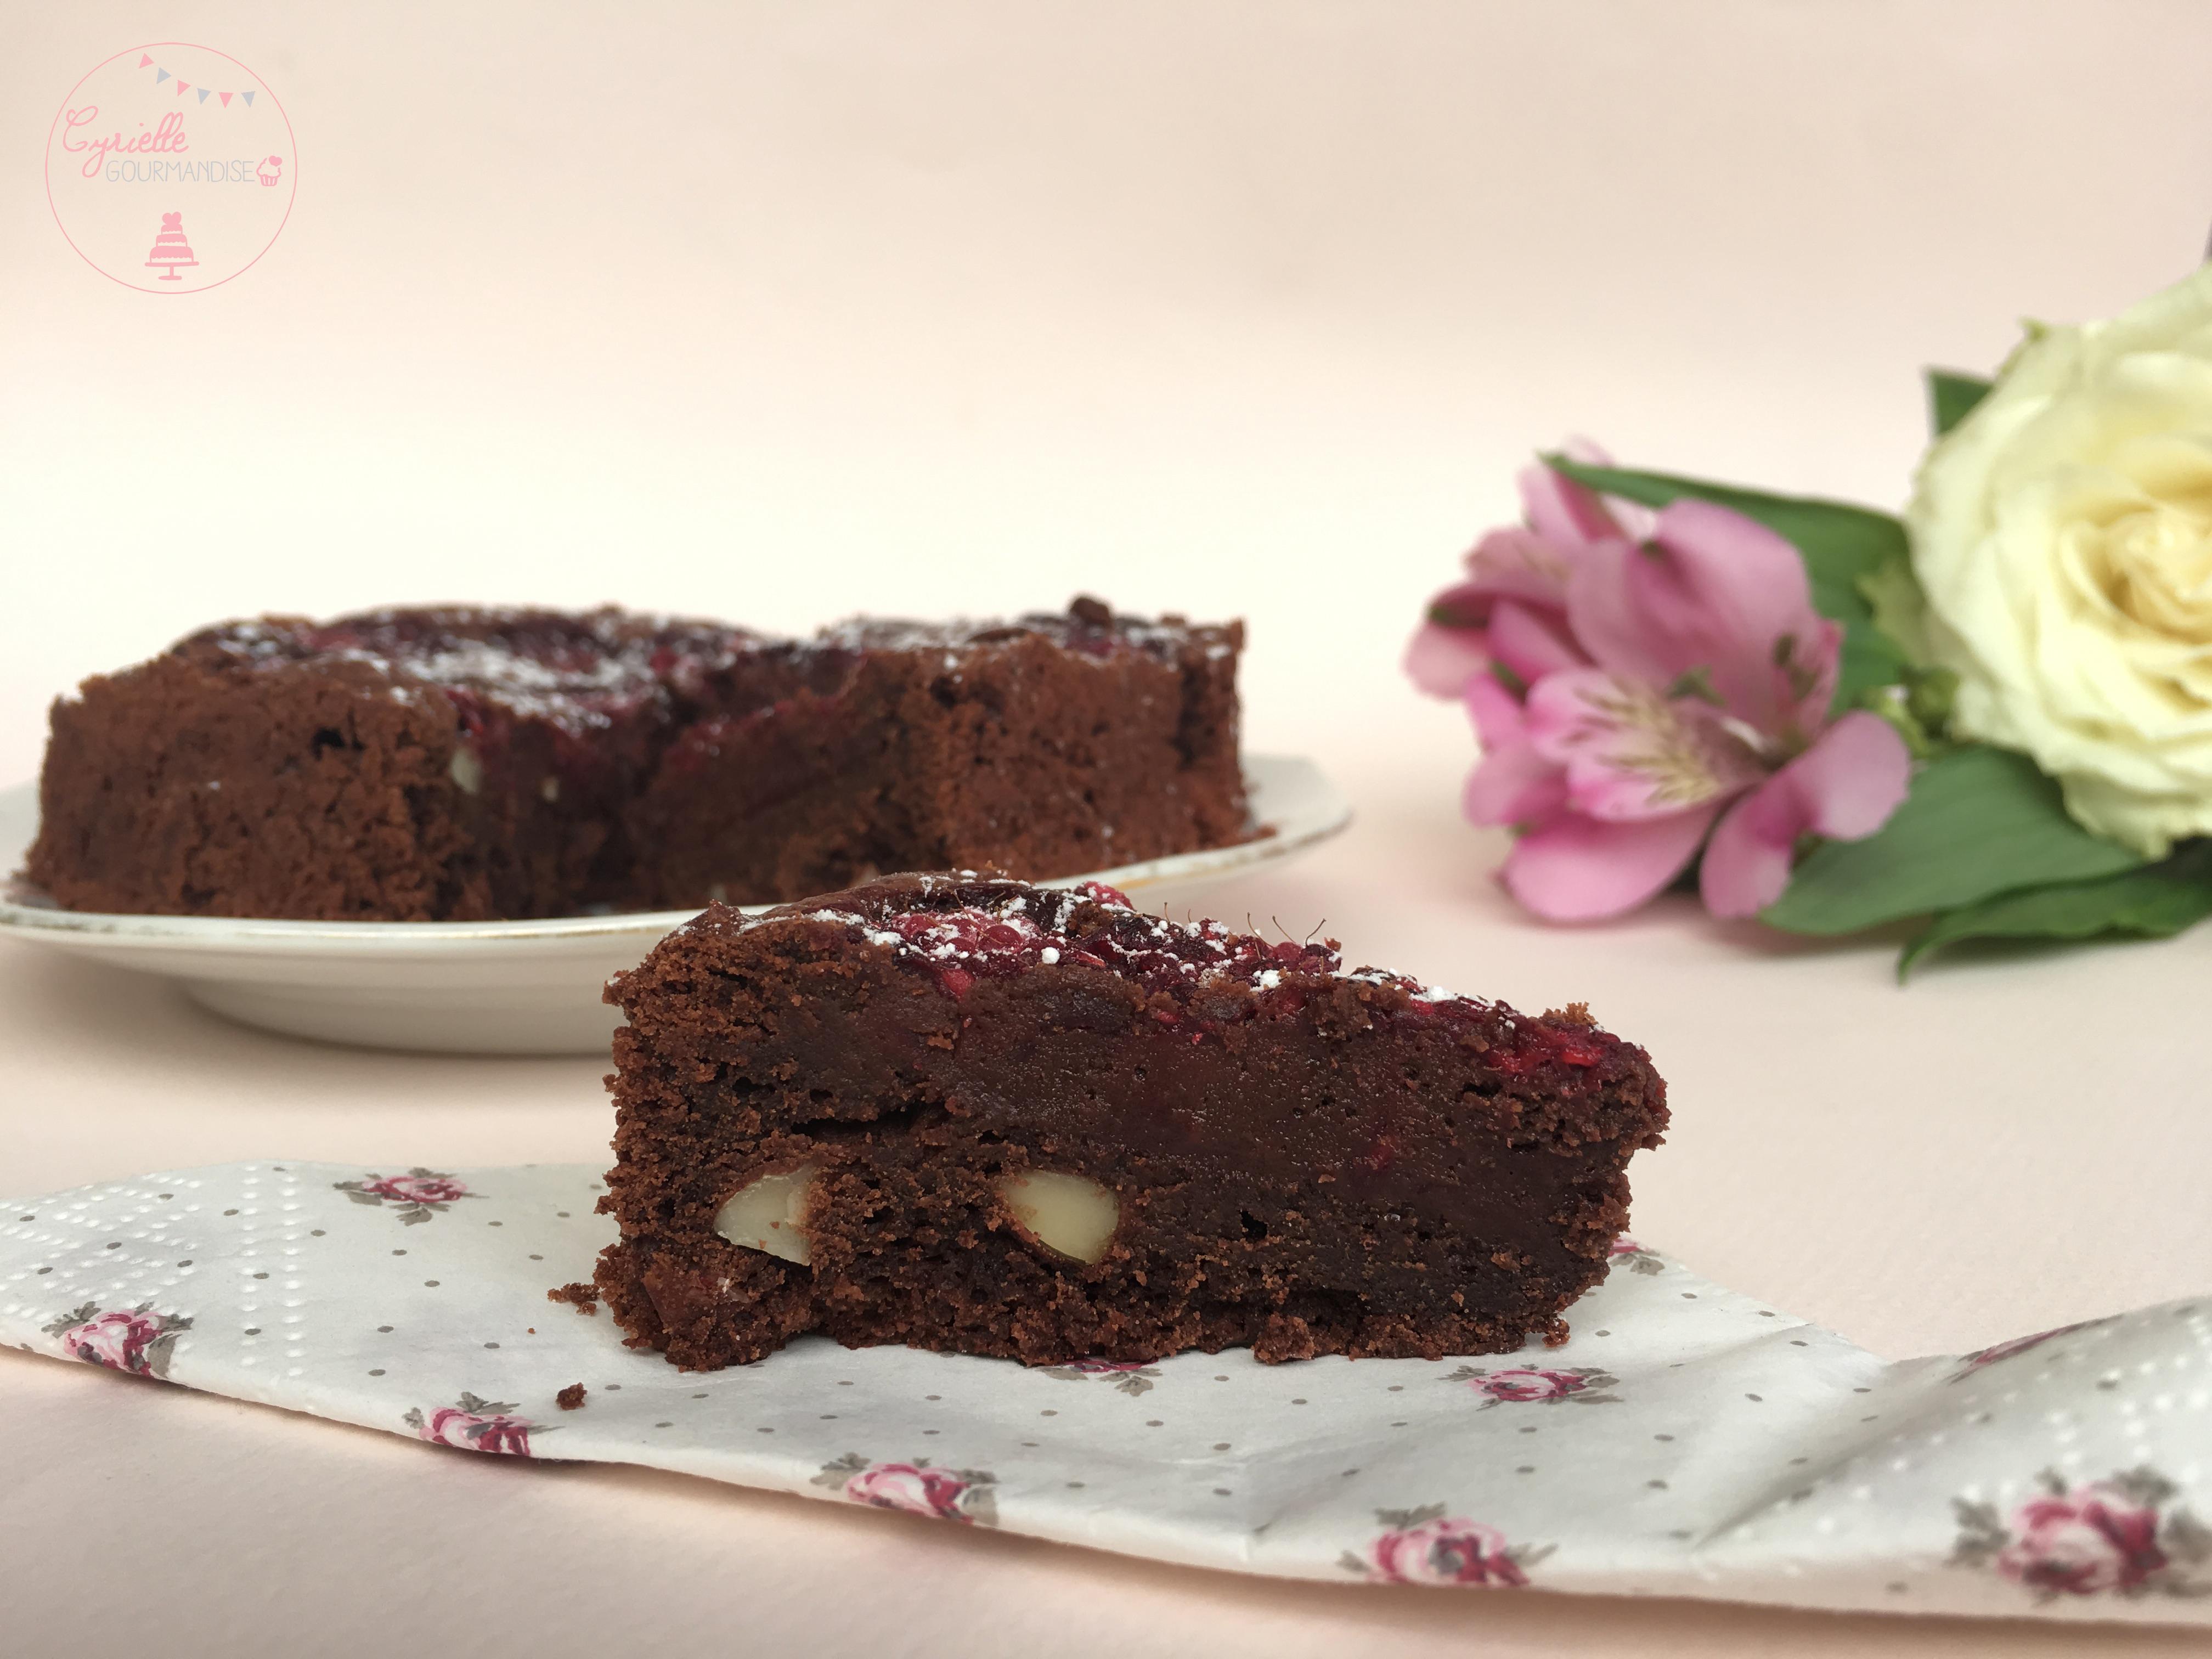 brownie-amandes-framboises-5